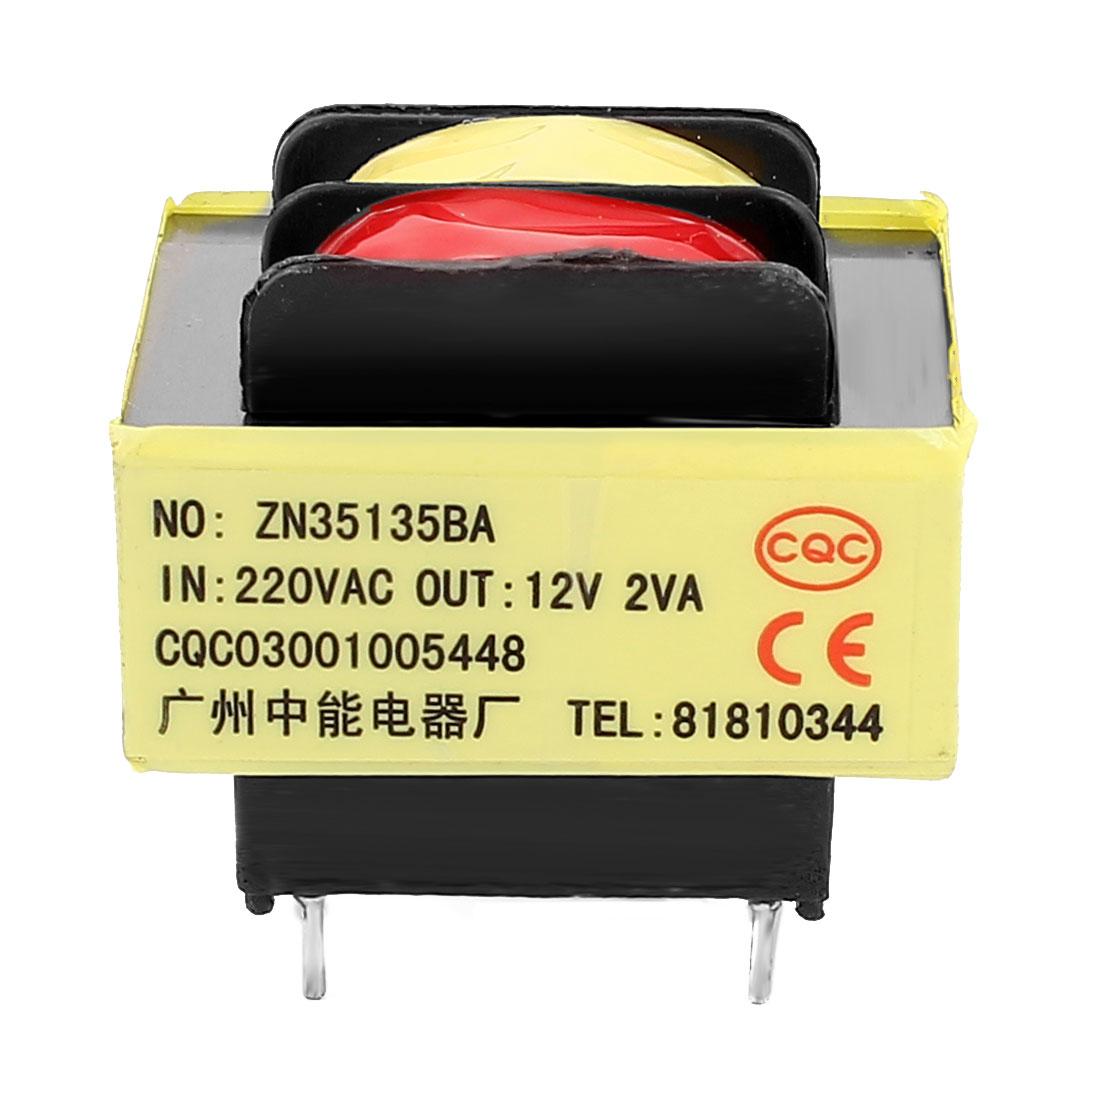 220V Input 12V 2VA Output Yellow Red Ferrite Core Power Transformer w 5 Terminals